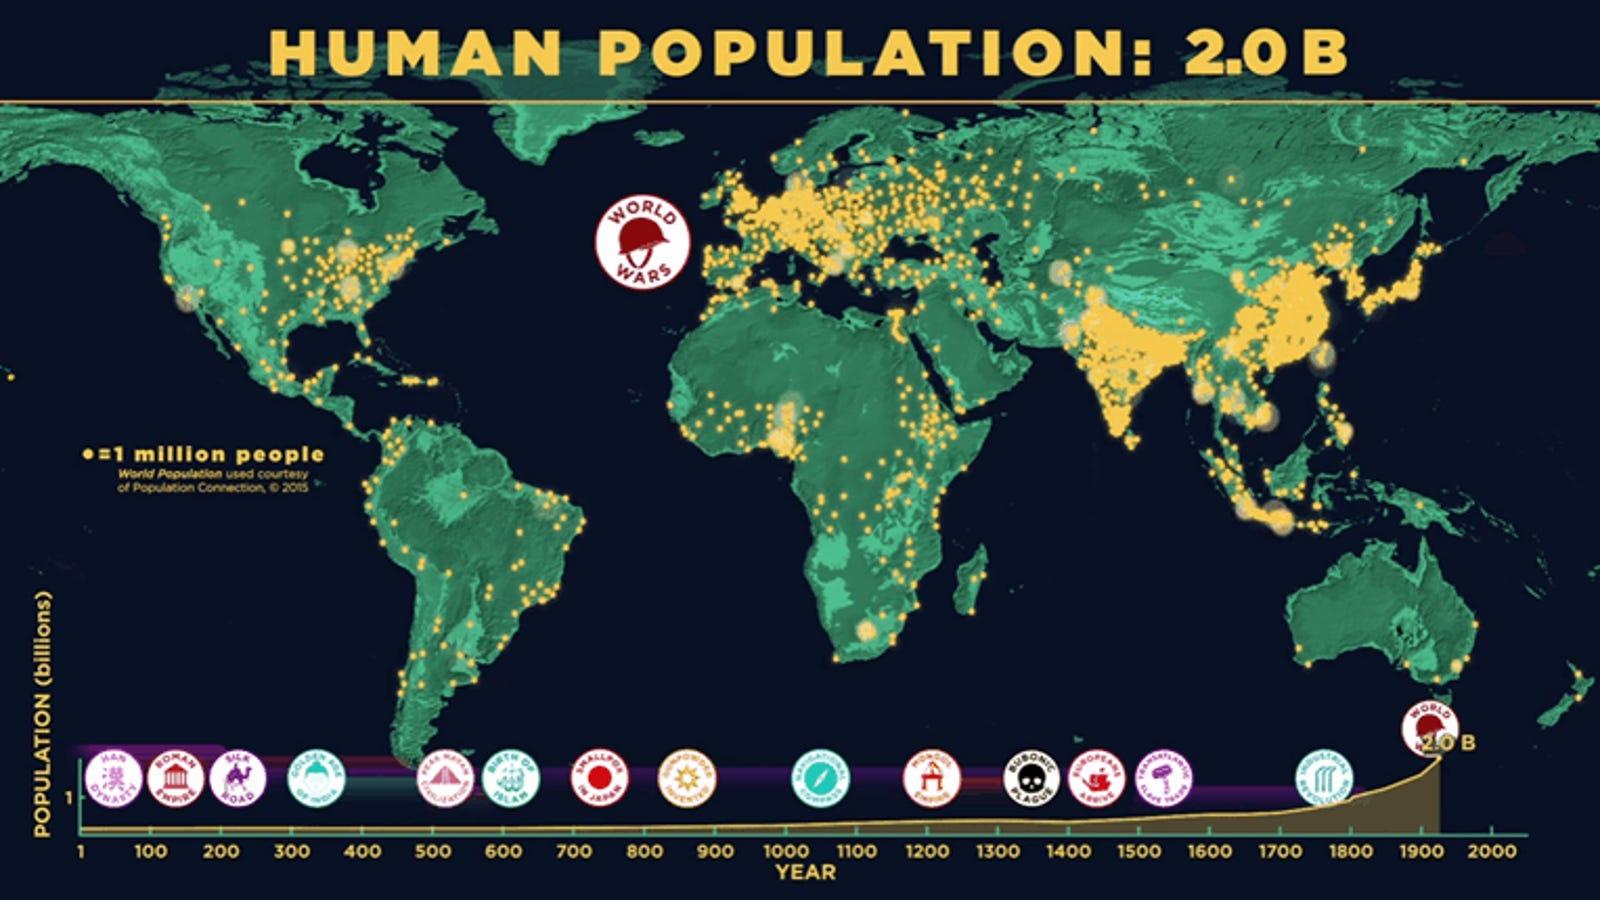 Cómo ha crecido la población mundial durante los últimos 2.000 años